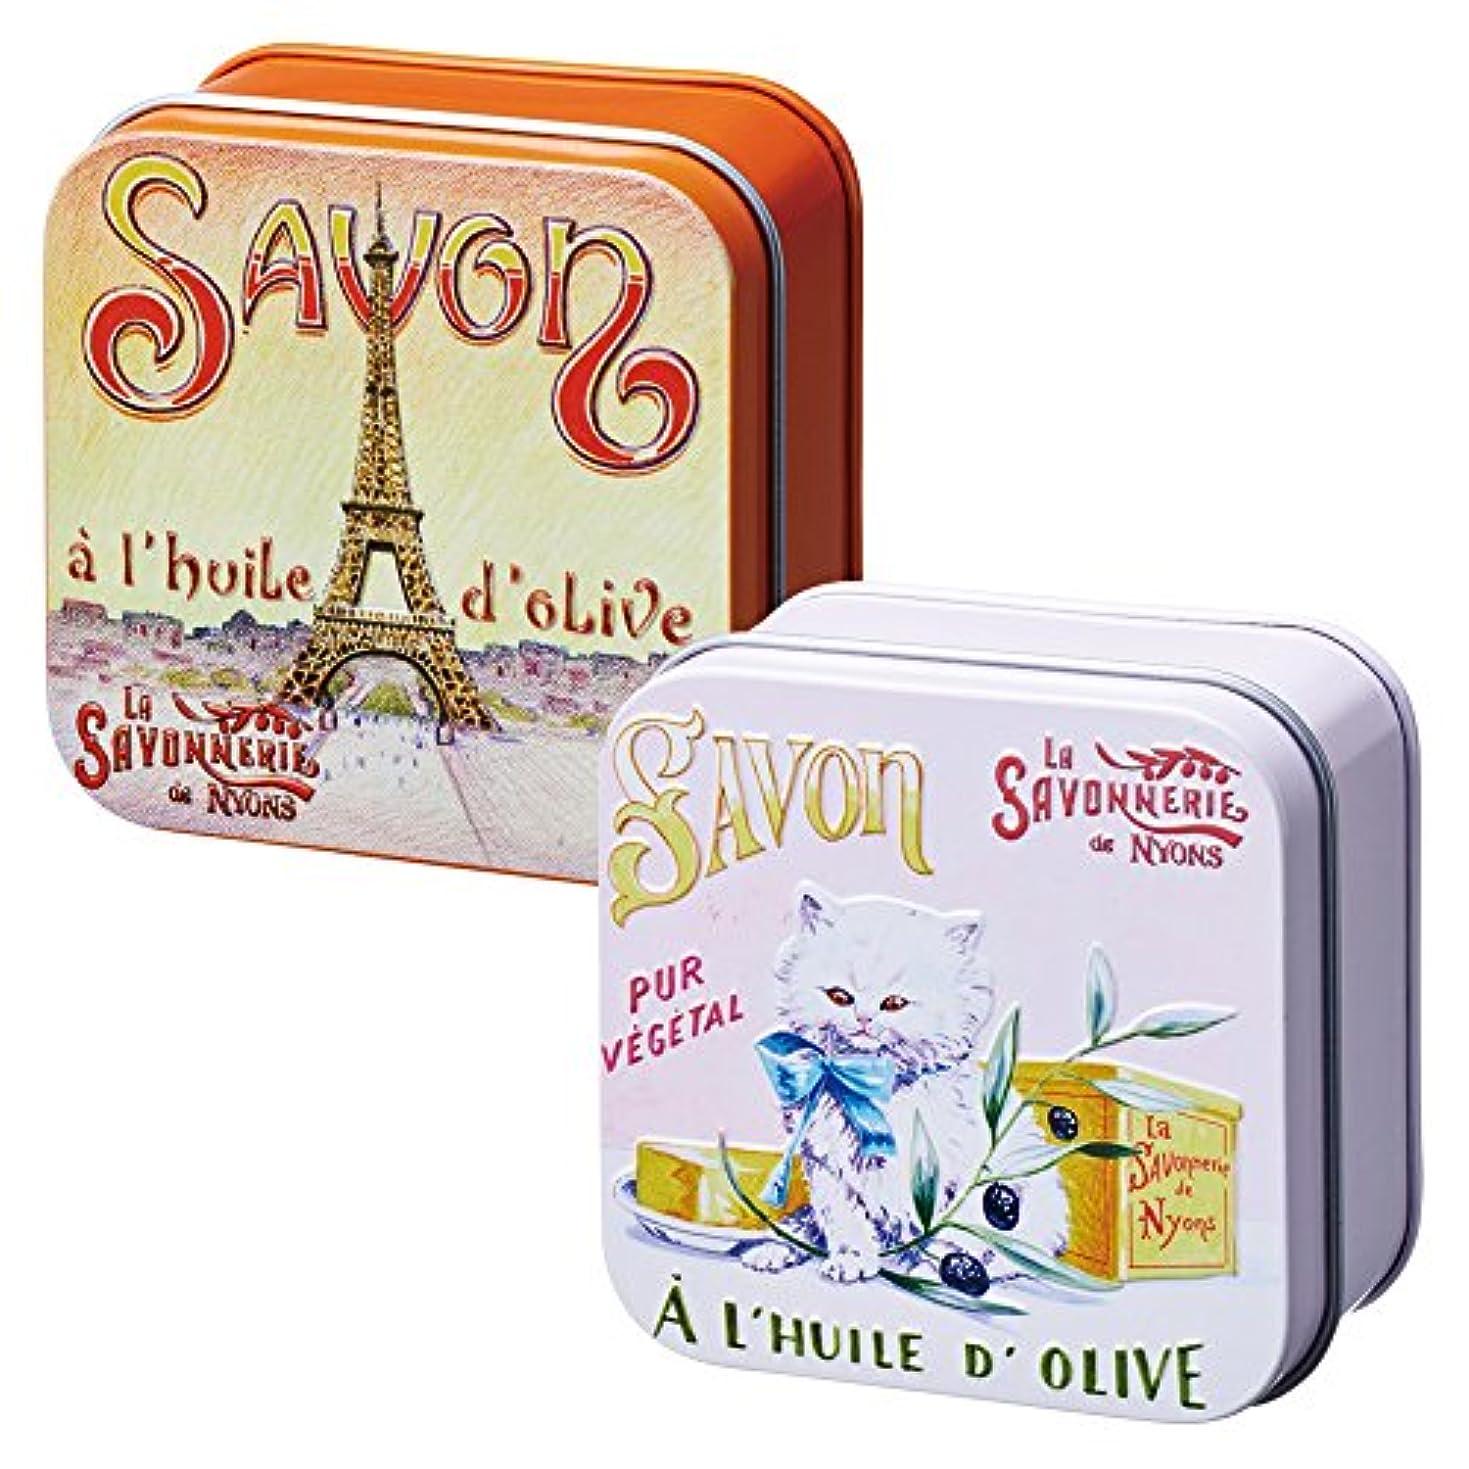 尾生き返らせる残るフランスお土産 ラ?サボネリー アンティーク缶入り石けん 2種セット(子猫&エッフェル塔)